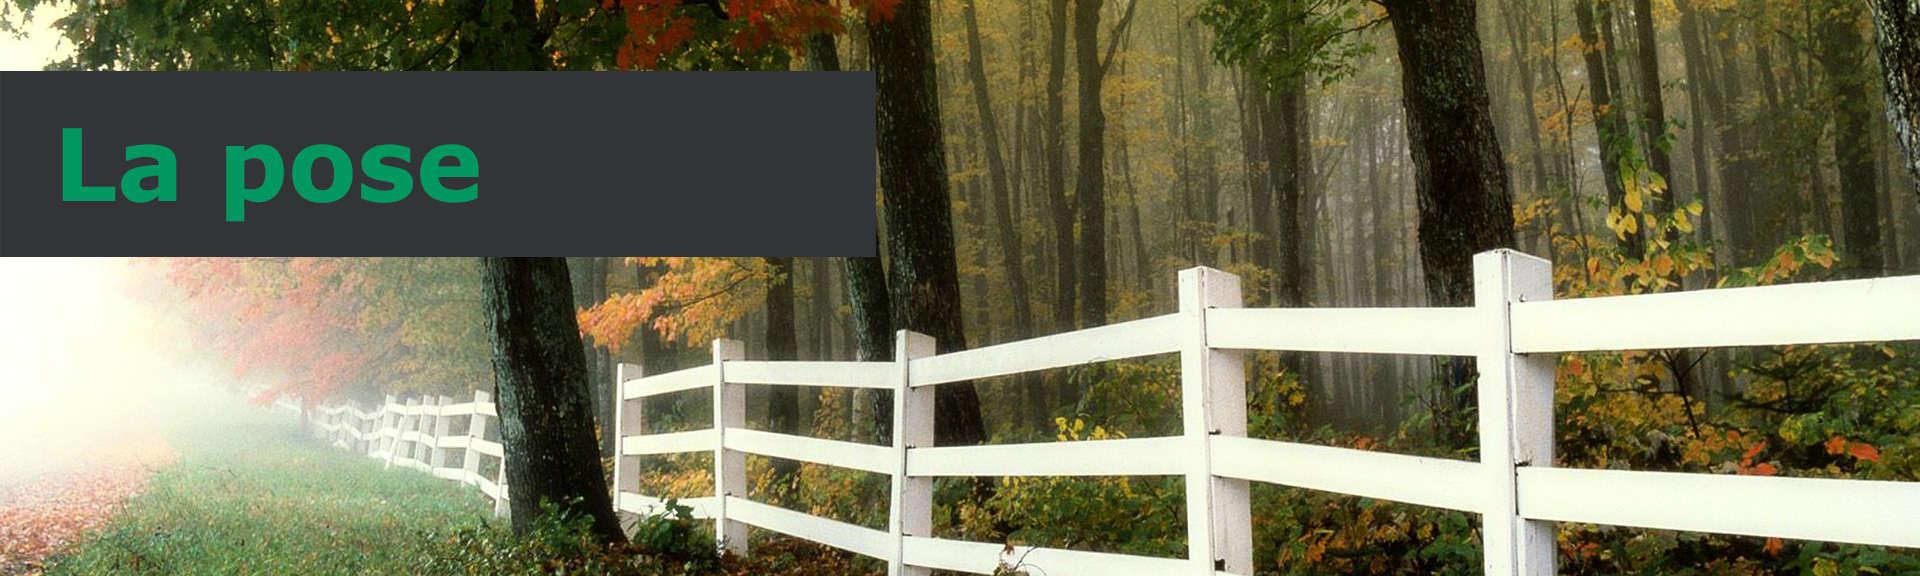 Manuels de pose pour clôtures Betafence résidentielles | DirectClôtures